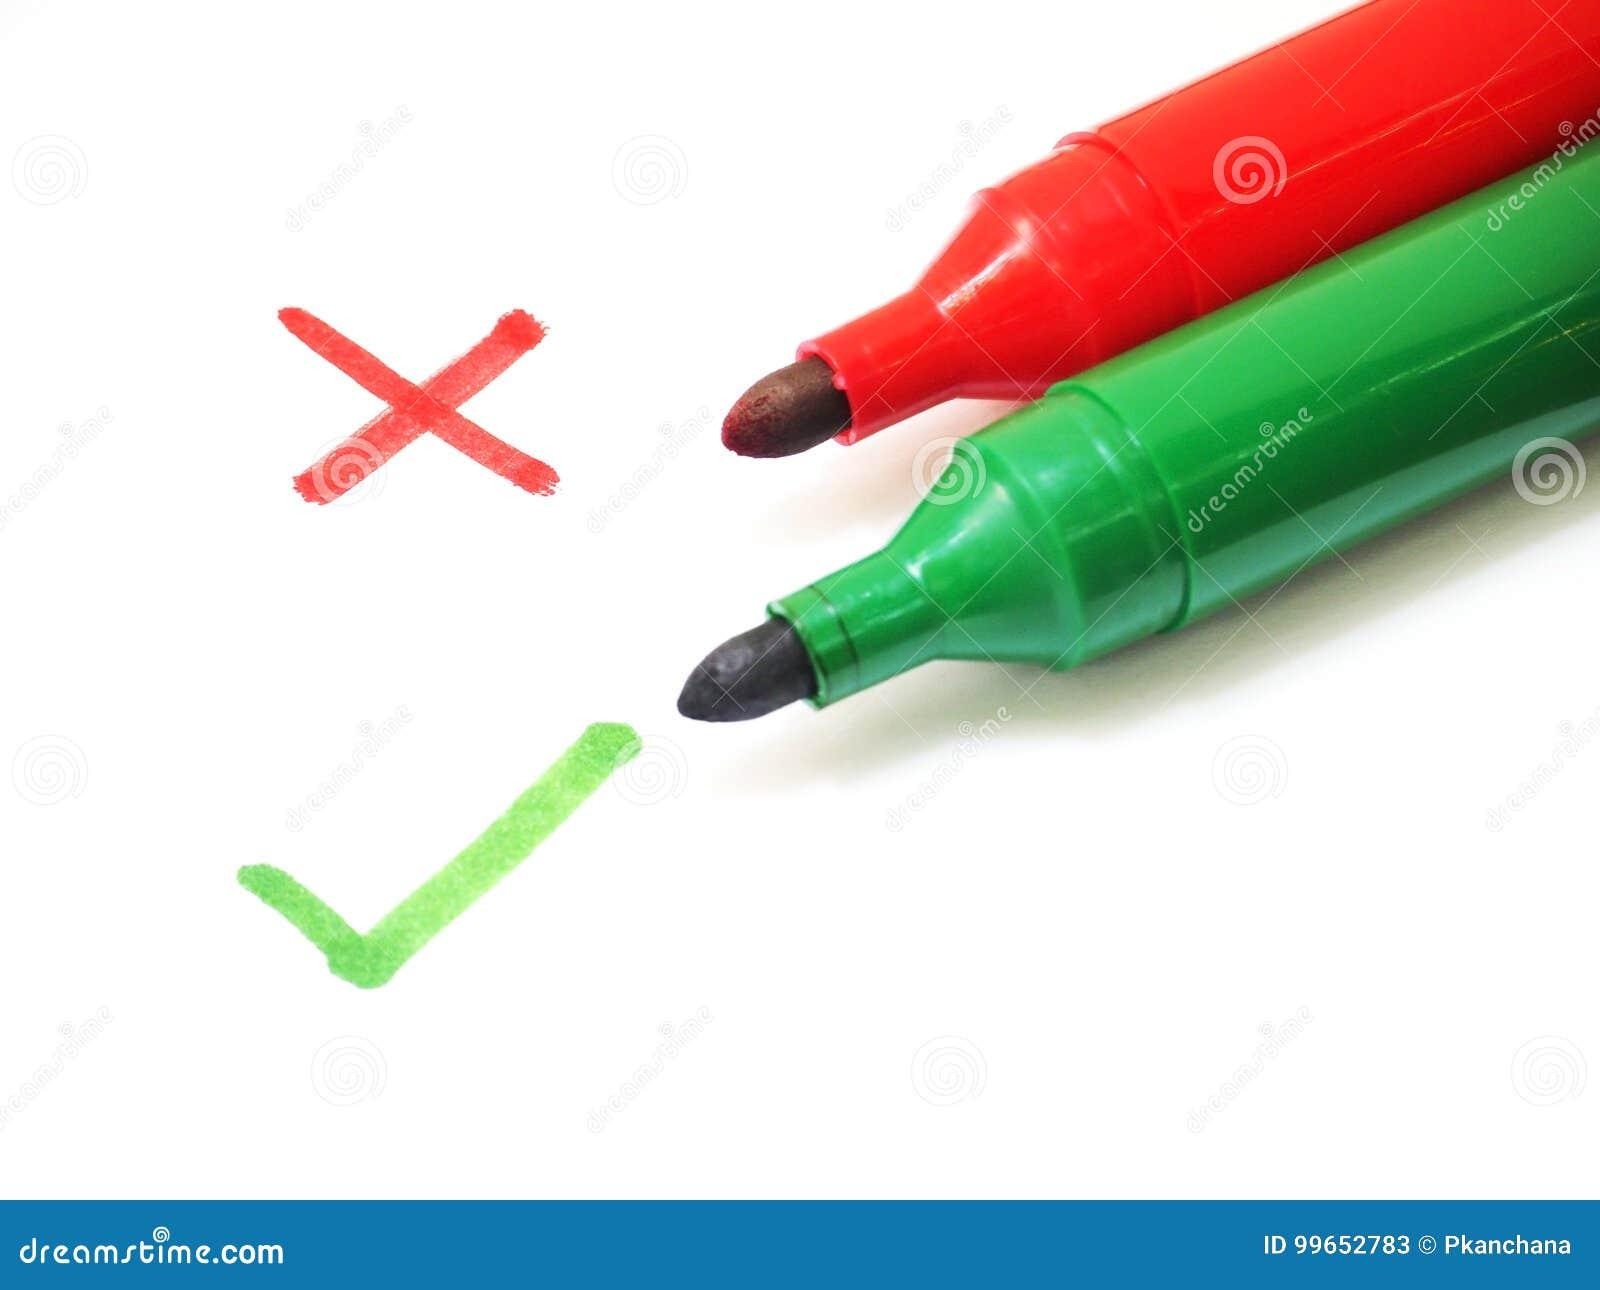 Красные и зеленые ручки отметки с крестом и контрольным списоком подписывают